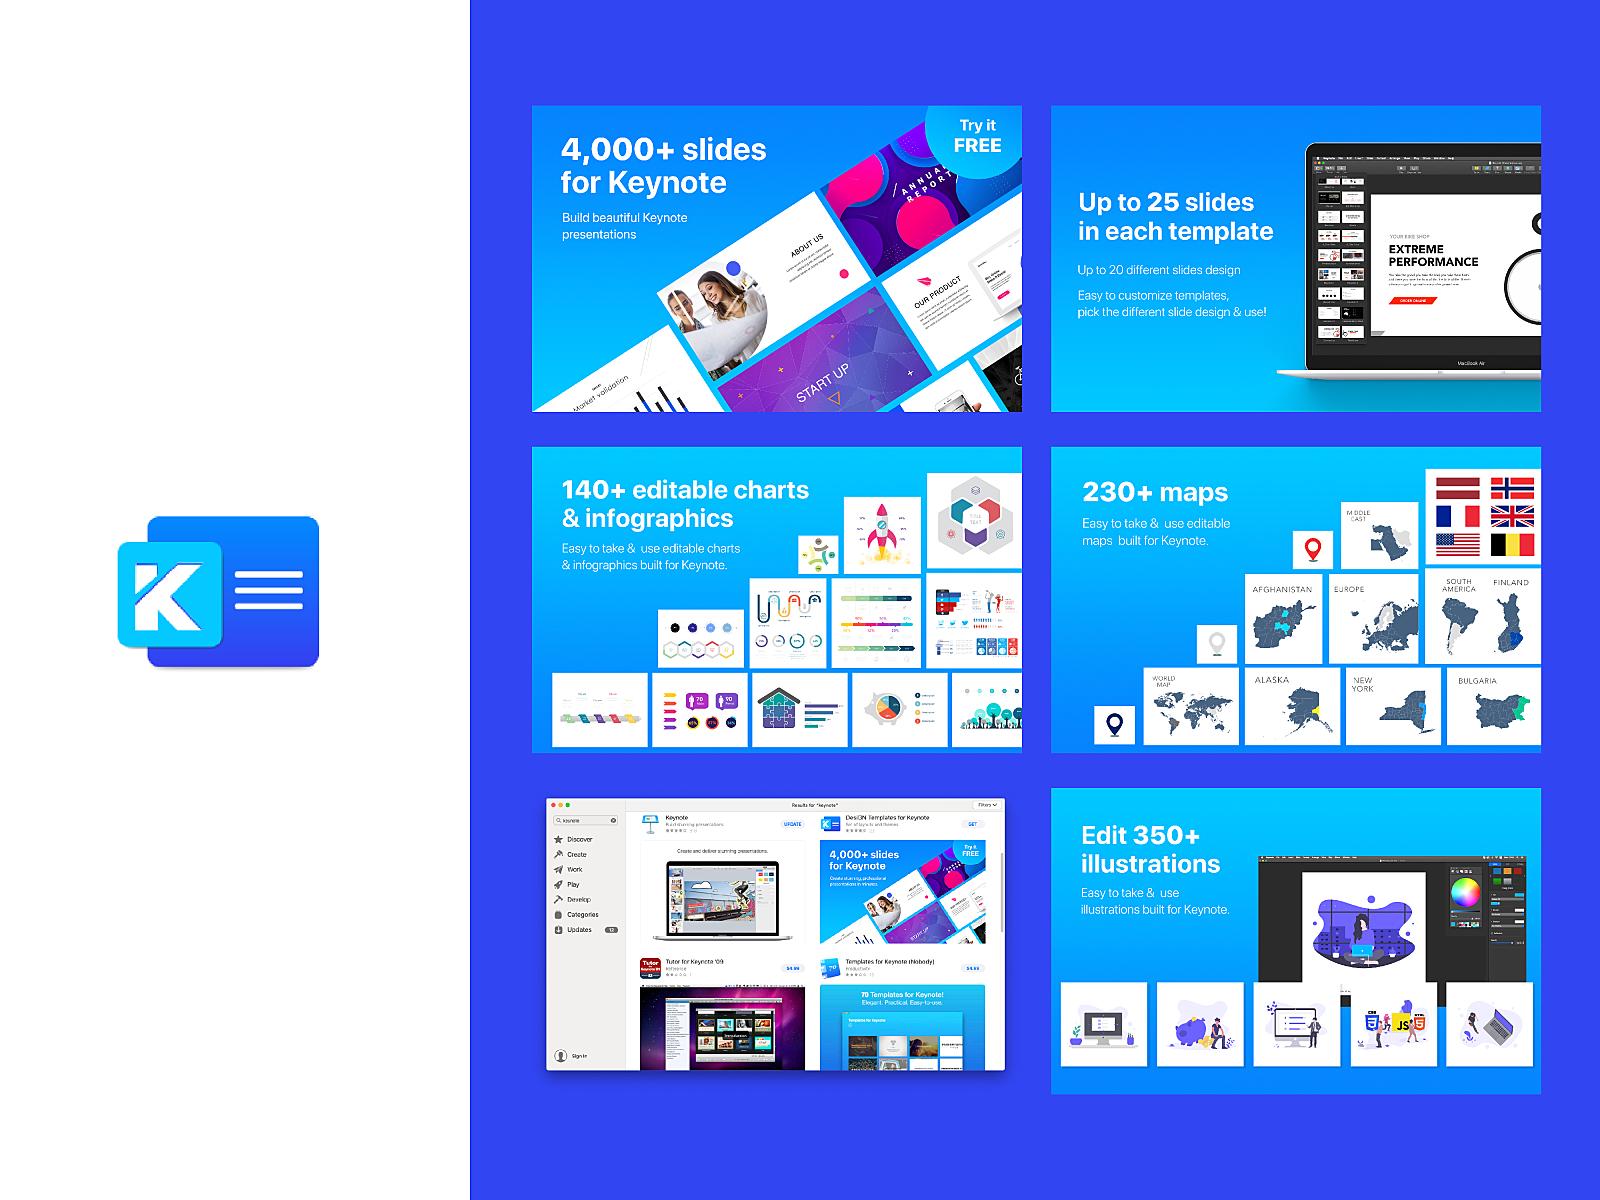 Kit for Keynote - Icon & appstore branding by Šarūnė Ši on